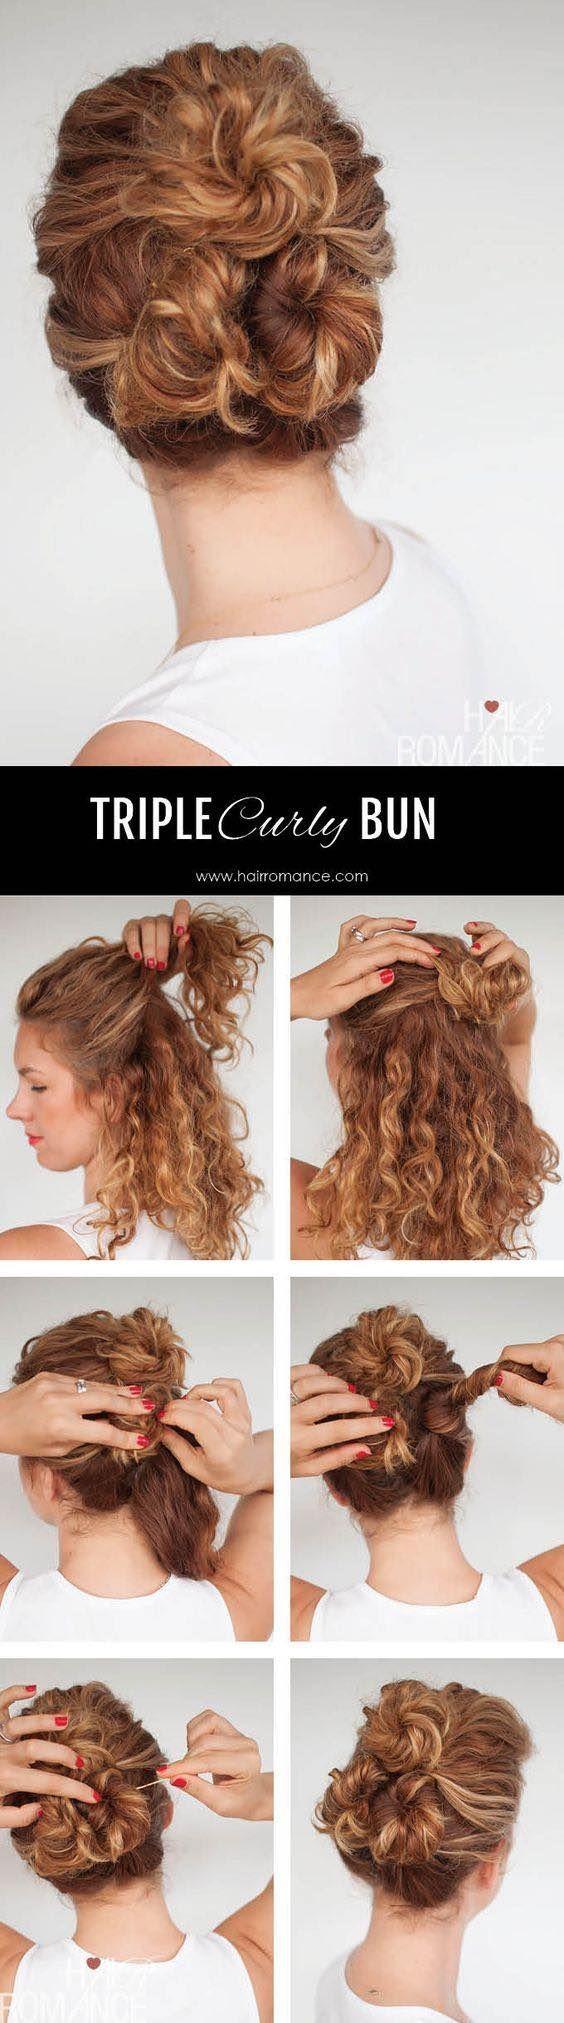 Super easy diy braided hairstyles for wedding tutorials wedding